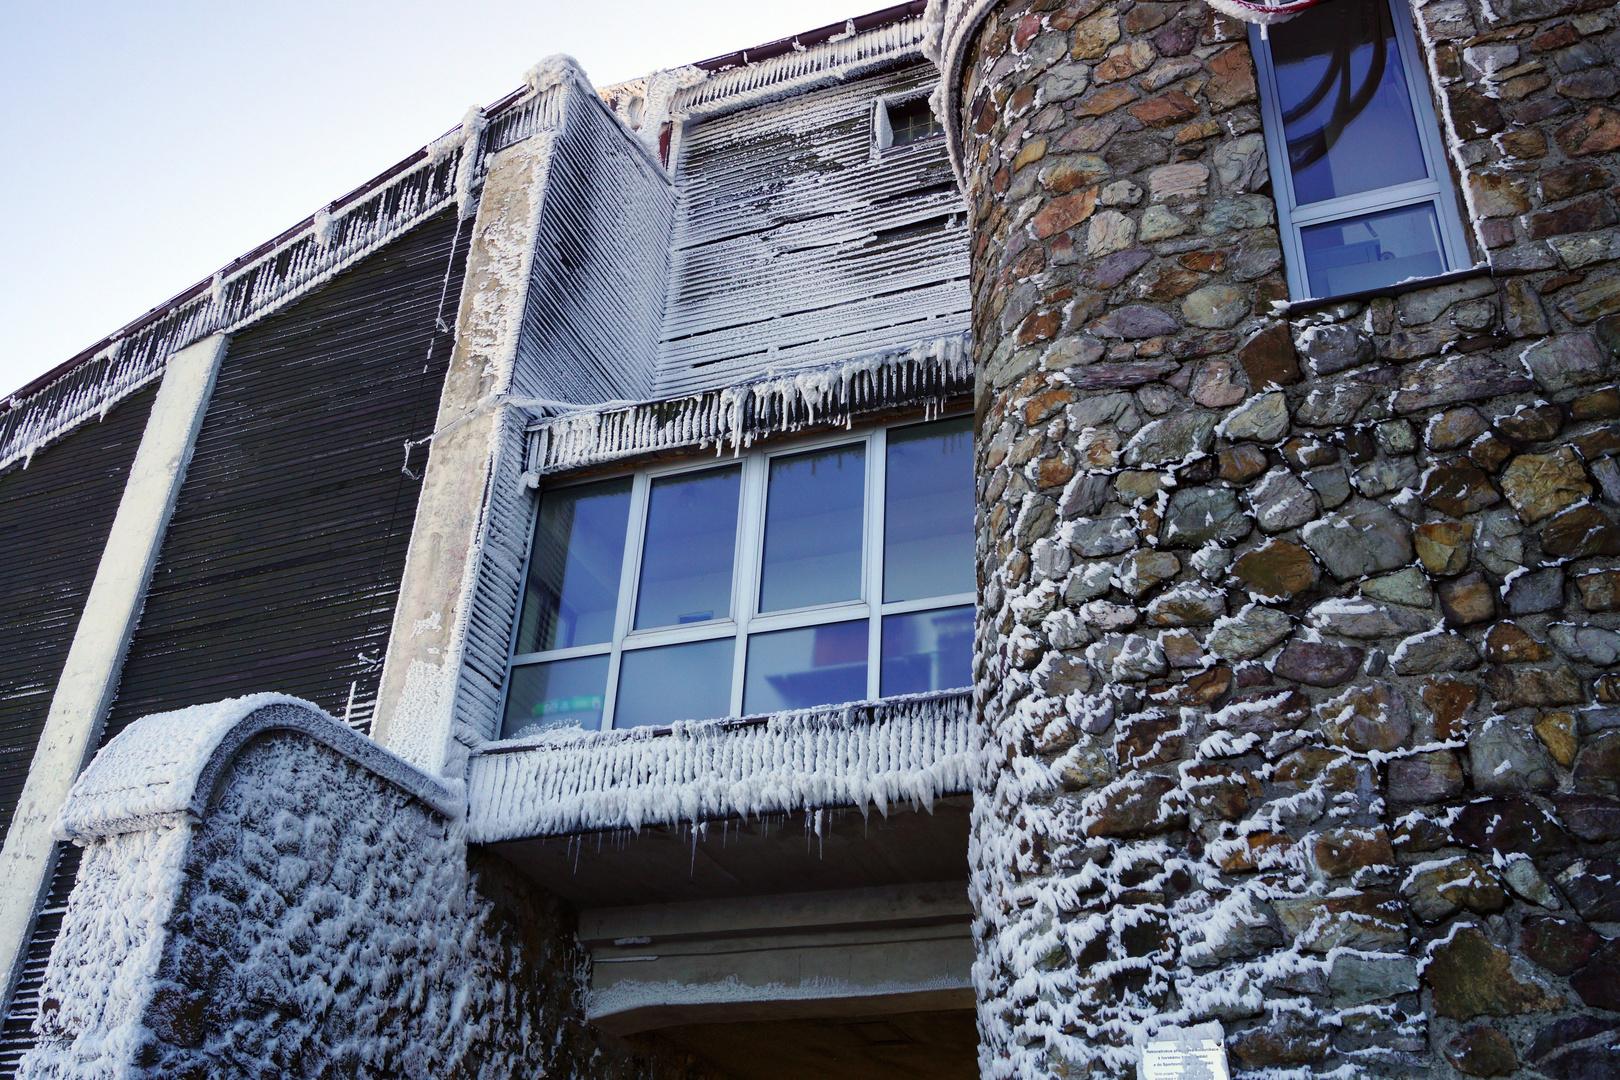 Eis kalt im März